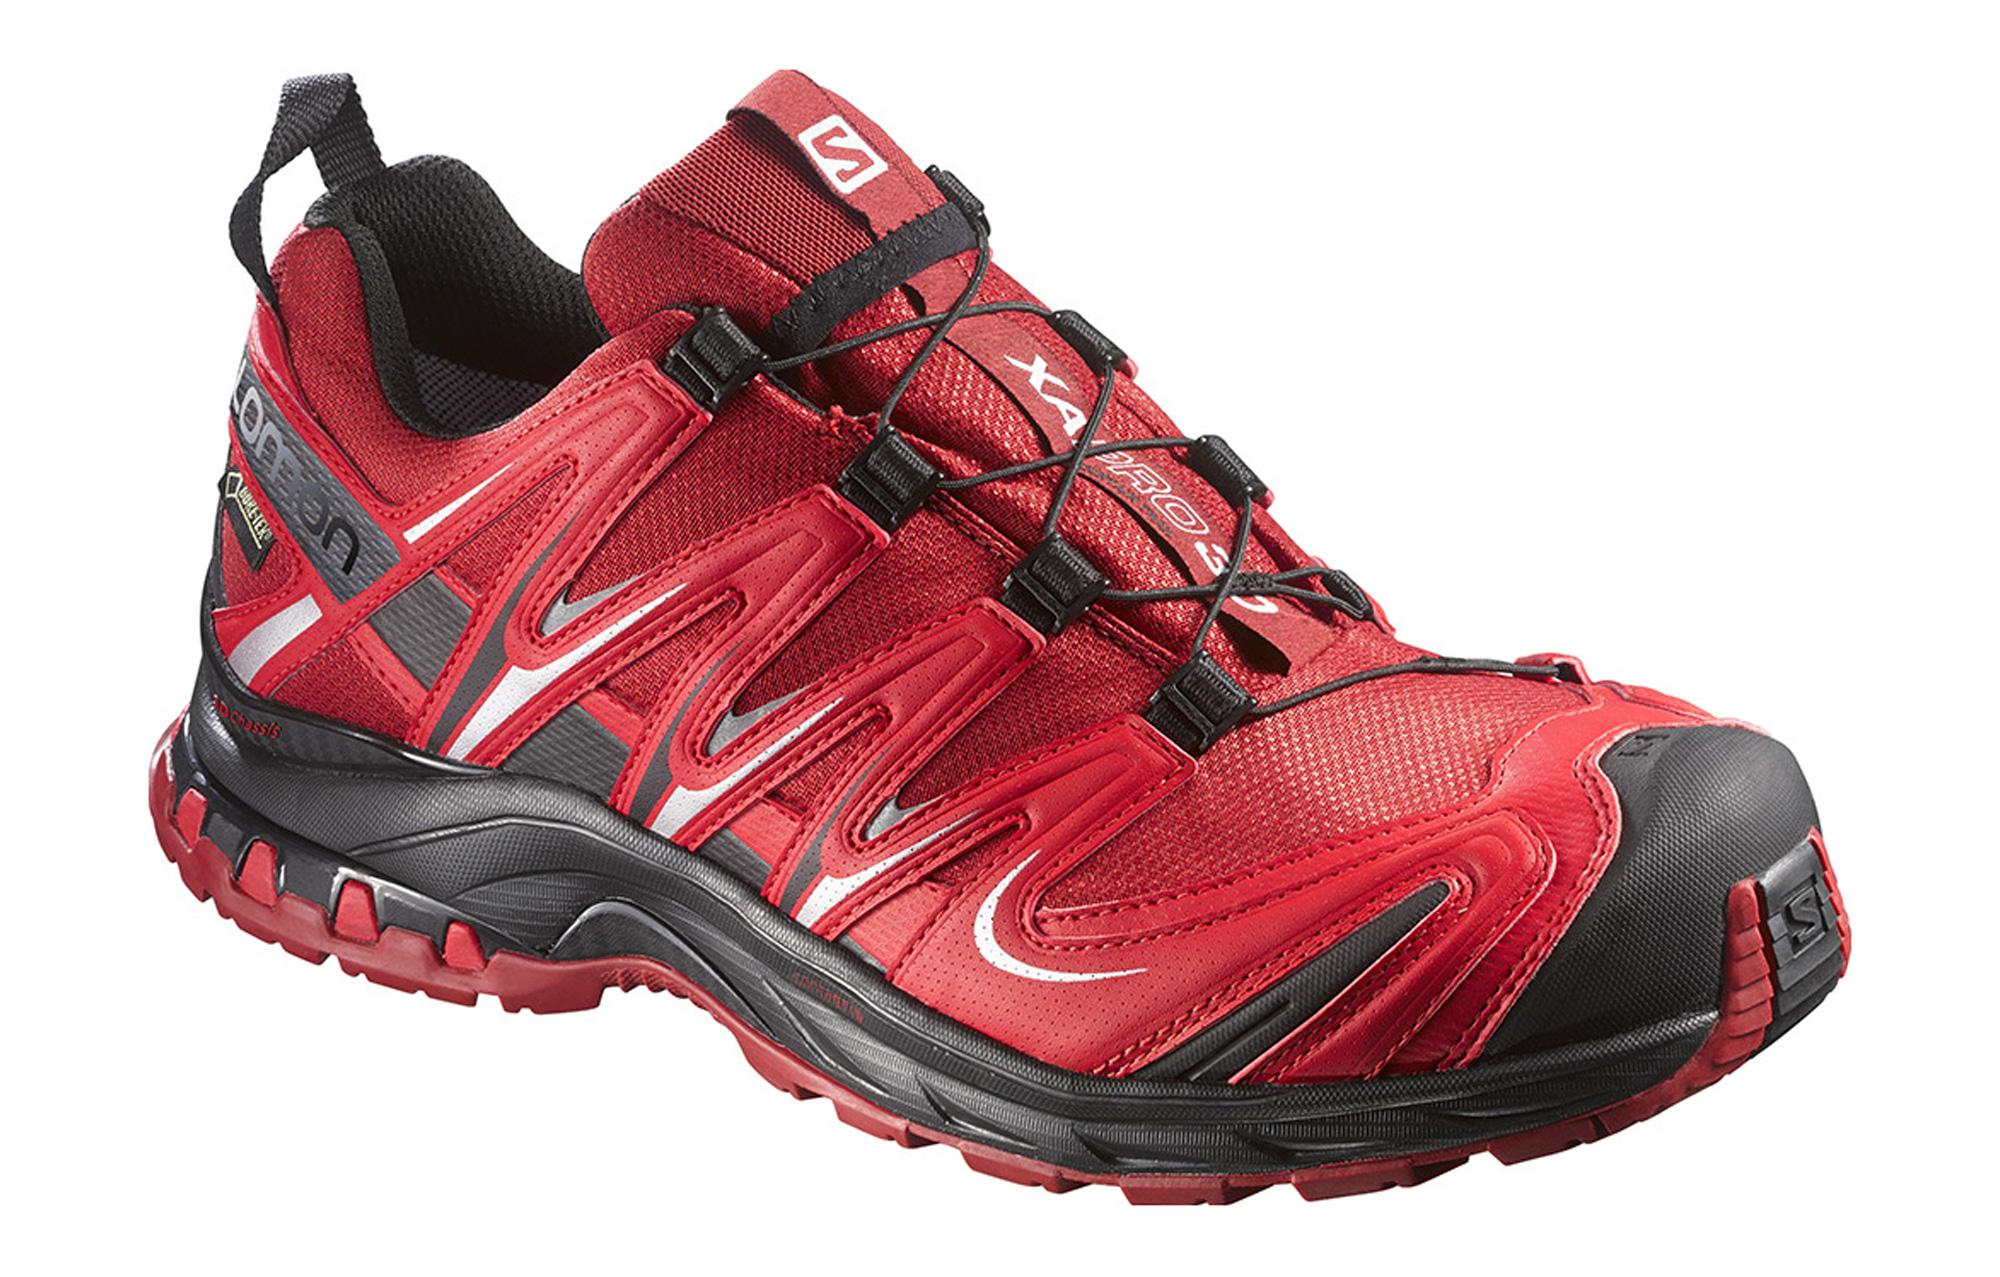 Salomon Chaussures de running femme XA Pro 3D noir Taille 41 13